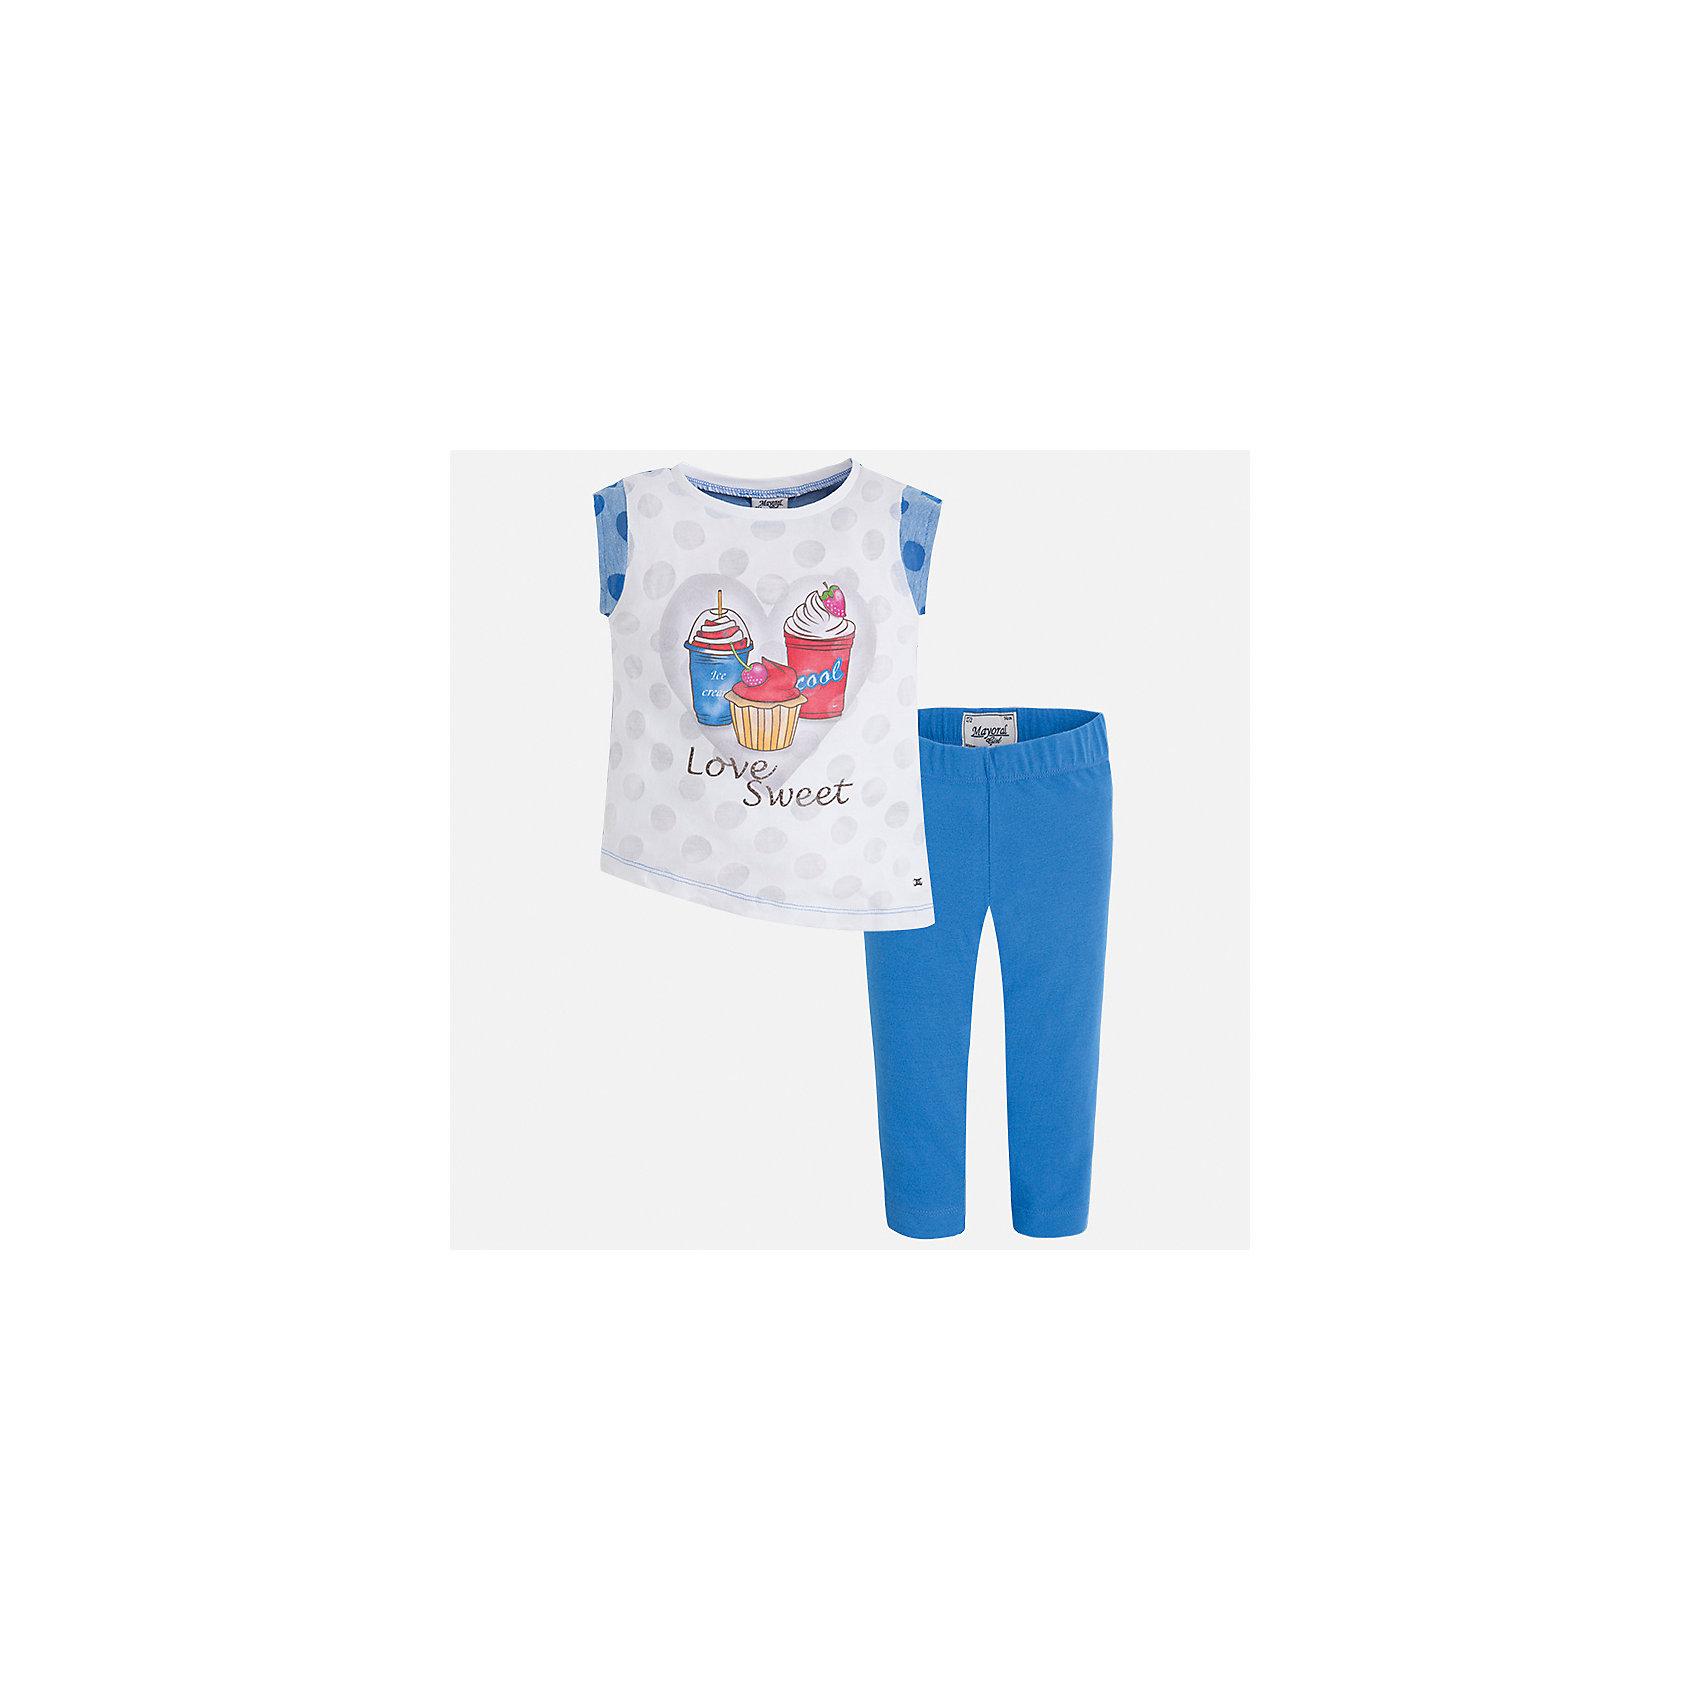 Комплект: футболка с длинным рукавом и бриджи для девочки MayoralХарактеристики товара:<br><br>• цвет: голубой<br>• состав: 55% хлопок, 45% полиэстер<br>• комплектация: футболка, бриджи<br>• футболка декорирована принтом<br>• бриджи в клетку<br>• пояс на резинке<br>• страна бренда: Испания<br><br>Красивый качественный комплект для девочки поможет разнообразить гардероб ребенка и удобно одеться в теплую погоду. Он отлично сочетается с другими предметами. Универсальный цвет позволяет подобрать к вещам верхнюю одежду практически любой расцветки. Интересная отделка модели делает её нарядной и оригинальной. В составе материала - натуральный хлопок, гипоаллергенный, приятный на ощупь, дышащий.<br><br>Одежда, обувь и аксессуары от испанского бренда Mayoral полюбились детям и взрослым по всему миру. Модели этой марки - стильные и удобные. Для их производства используются только безопасные, качественные материалы и фурнитура. Порадуйте ребенка модными и красивыми вещами от Mayoral! <br><br>Комплект для девочки от испанского бренда Mayoral (Майорал) можно купить в нашем интернет-магазине.<br><br>Ширина мм: 191<br>Глубина мм: 10<br>Высота мм: 175<br>Вес г: 273<br>Цвет: синий<br>Возраст от месяцев: 96<br>Возраст до месяцев: 108<br>Пол: Женский<br>Возраст: Детский<br>Размер: 134,92,98,104,110,116,122,128<br>SKU: 5290398